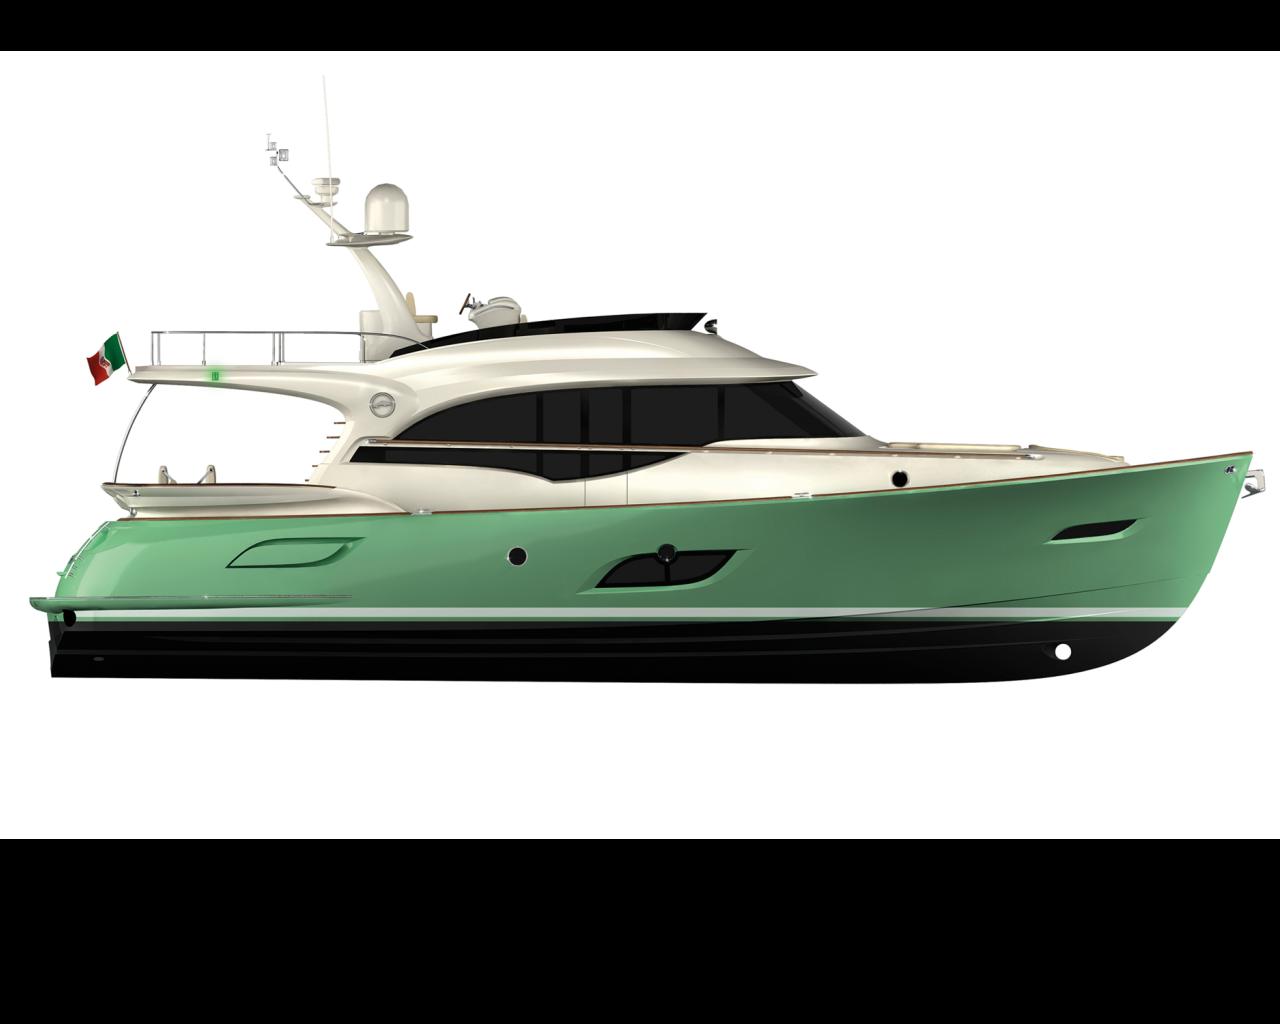 Mochi Craft Dolphin 64' Cruiser Diseño (img-1)